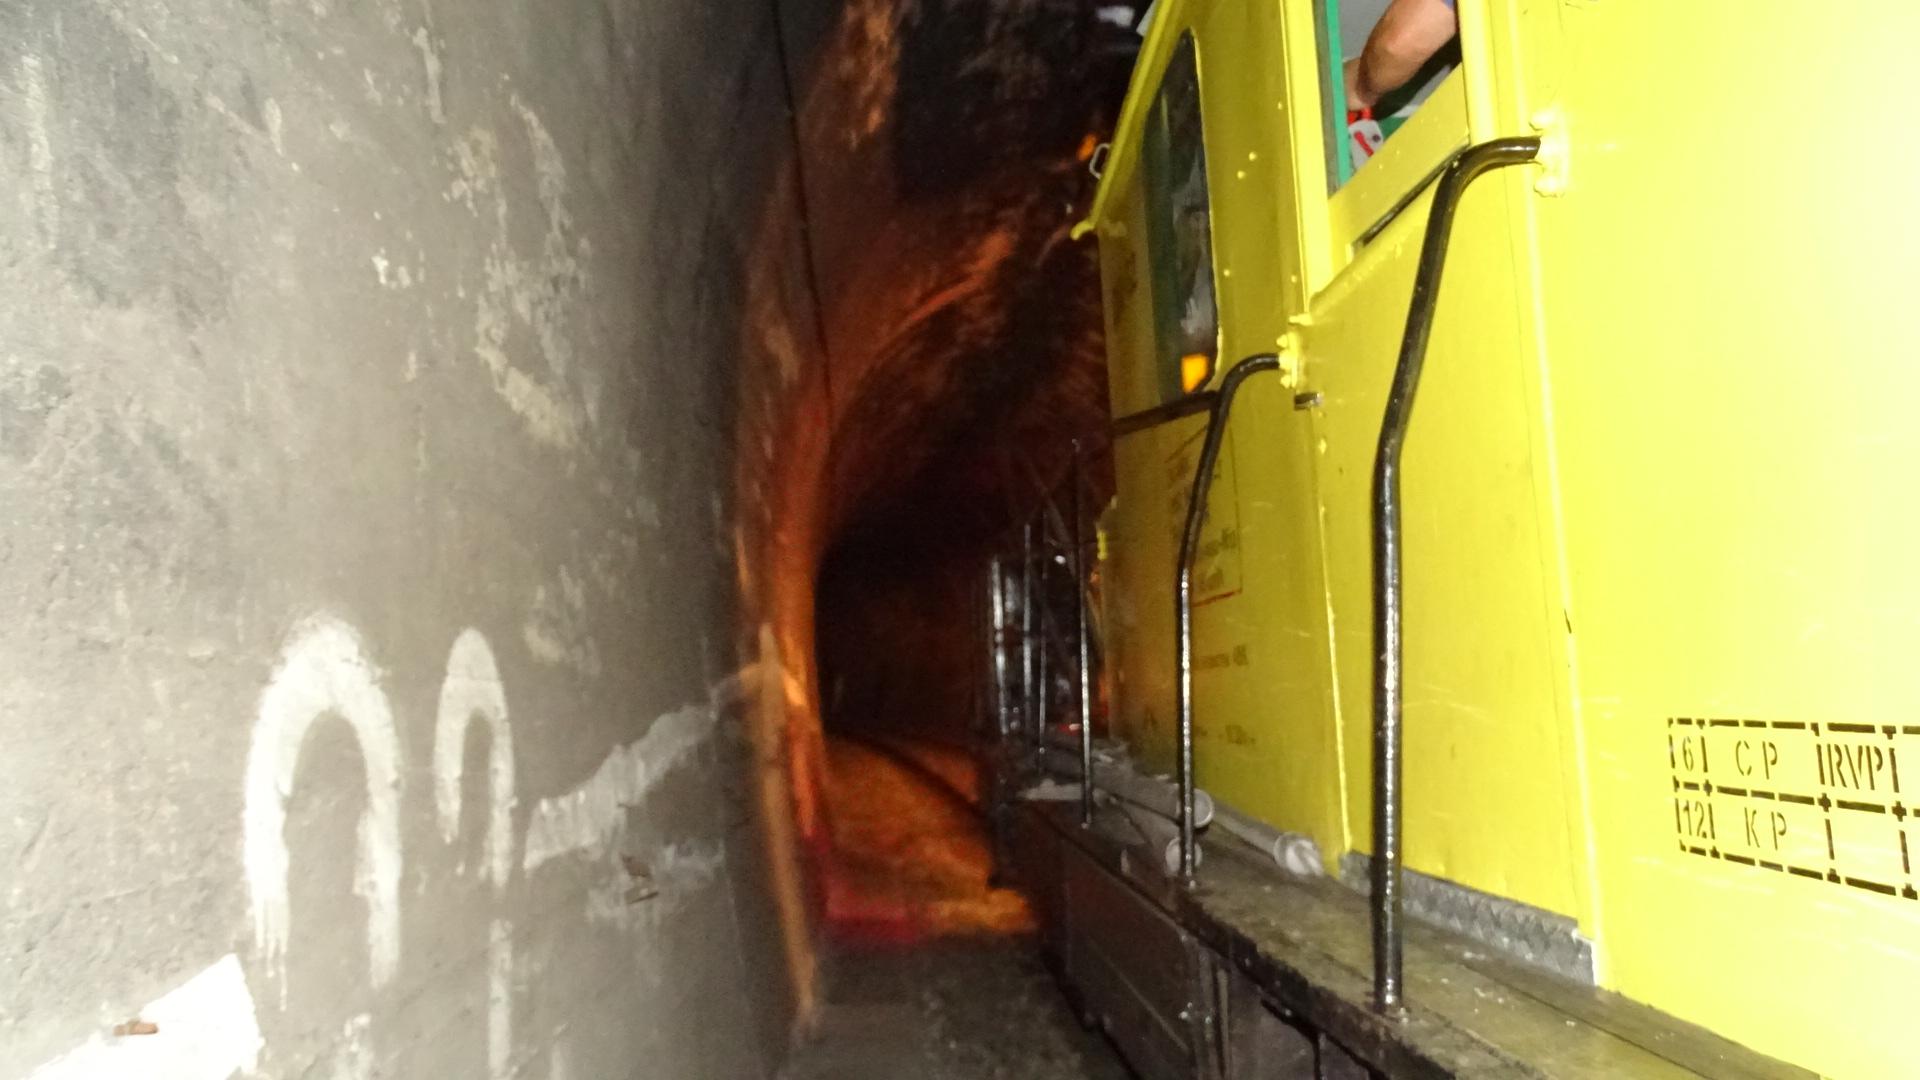 Счупен пантограф на локомотив натоварен влак скъса контактната мрежа в между гарите Яворов и Черниче.Аварията стана в късния след обяд днес в района на 7-и тунел.Авариралият локомотив бе изтеглен нагара Симитли в20.30 ч., а служителите на НКЖИ възстановяваха контактната мрежа в района на 7-и тунел, вторият в дефилето. Заради аварията движението на влаковете между Кресна и Благоевград е спряно, пътниците се превозват с автобуси.